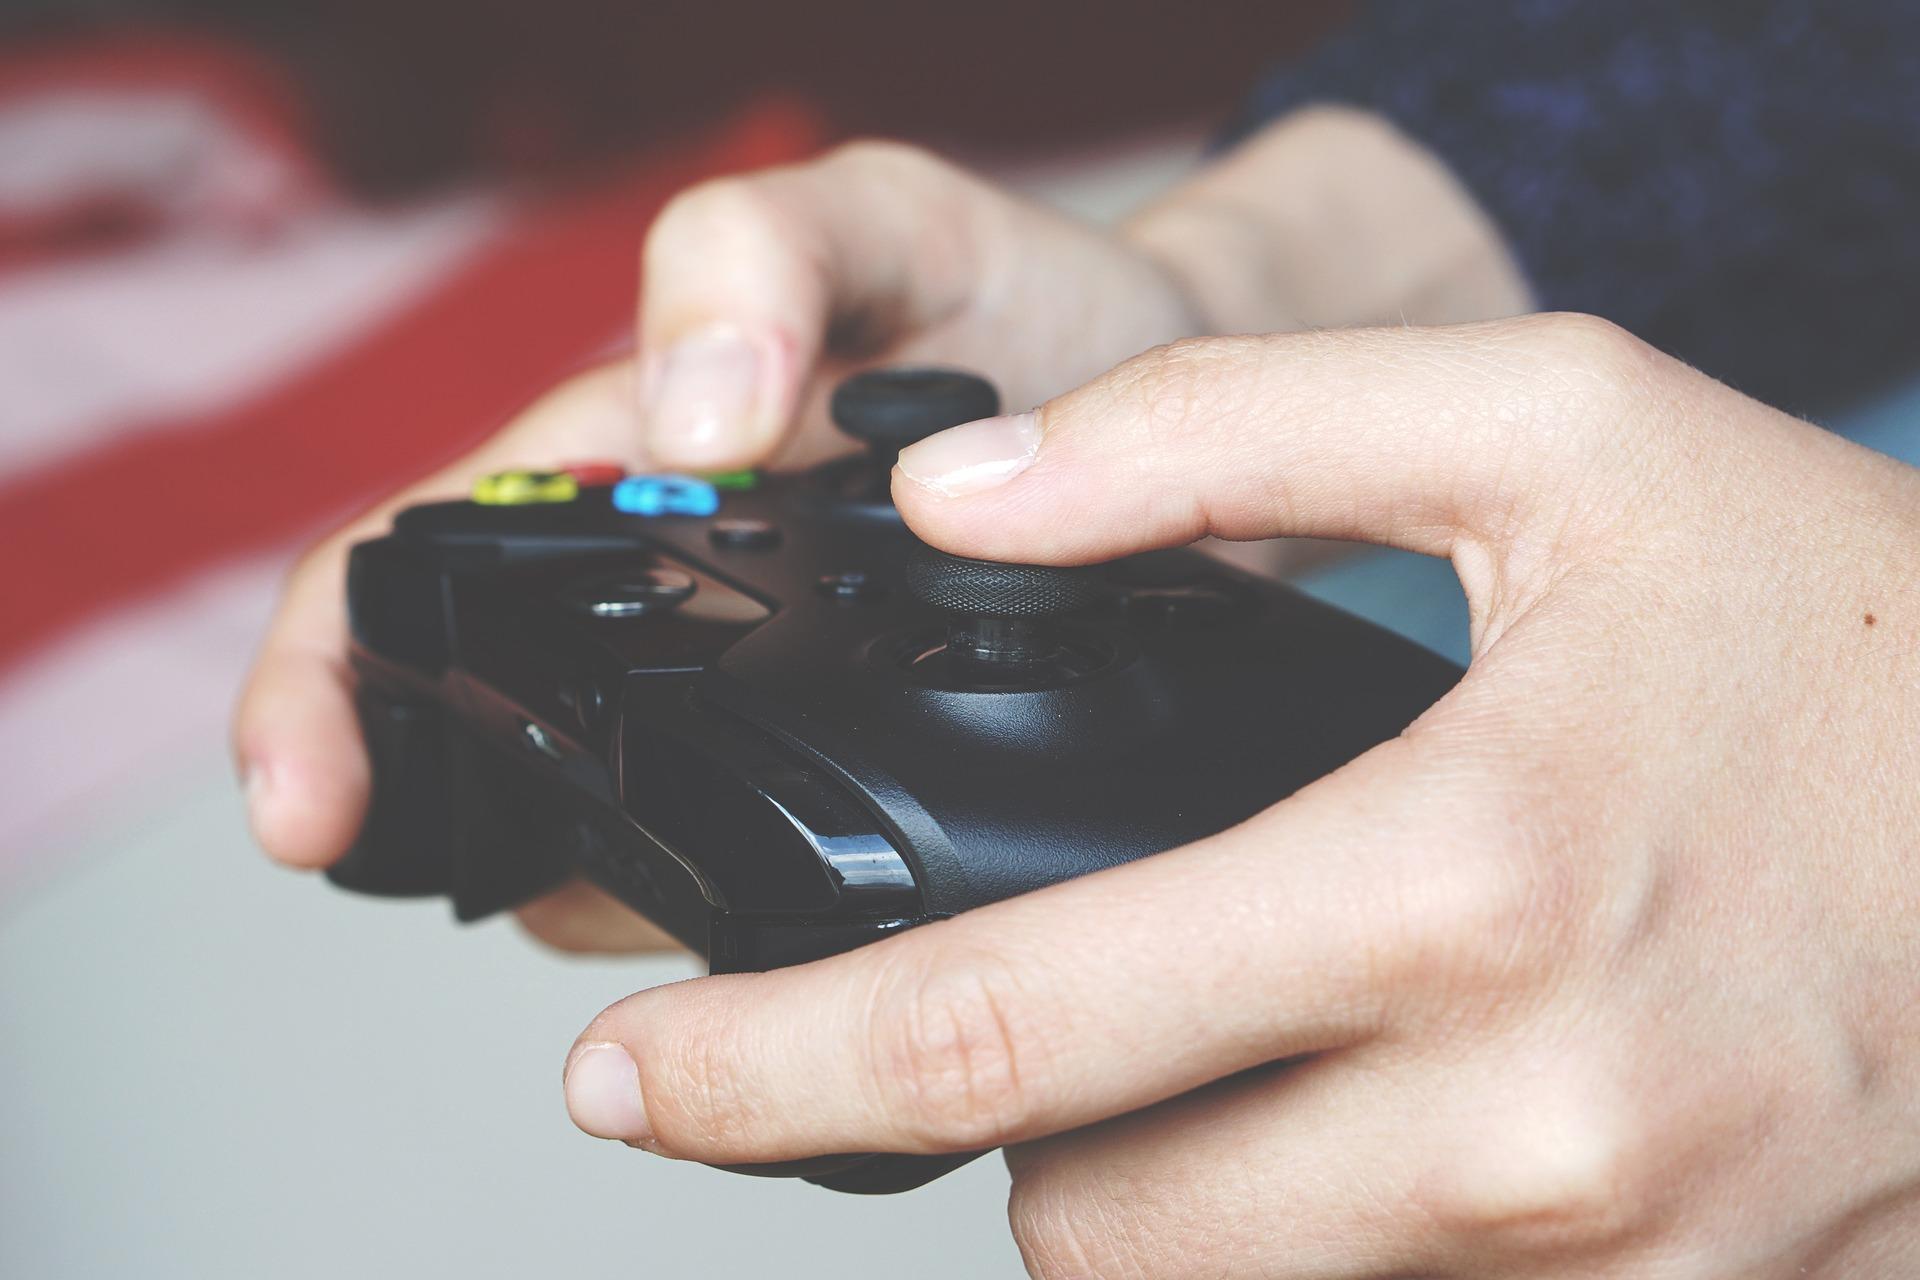 Der Energiebedarf bei Gaming Konsolen überrascht teilweise. Foto: © Anton Porsche / Pixabay